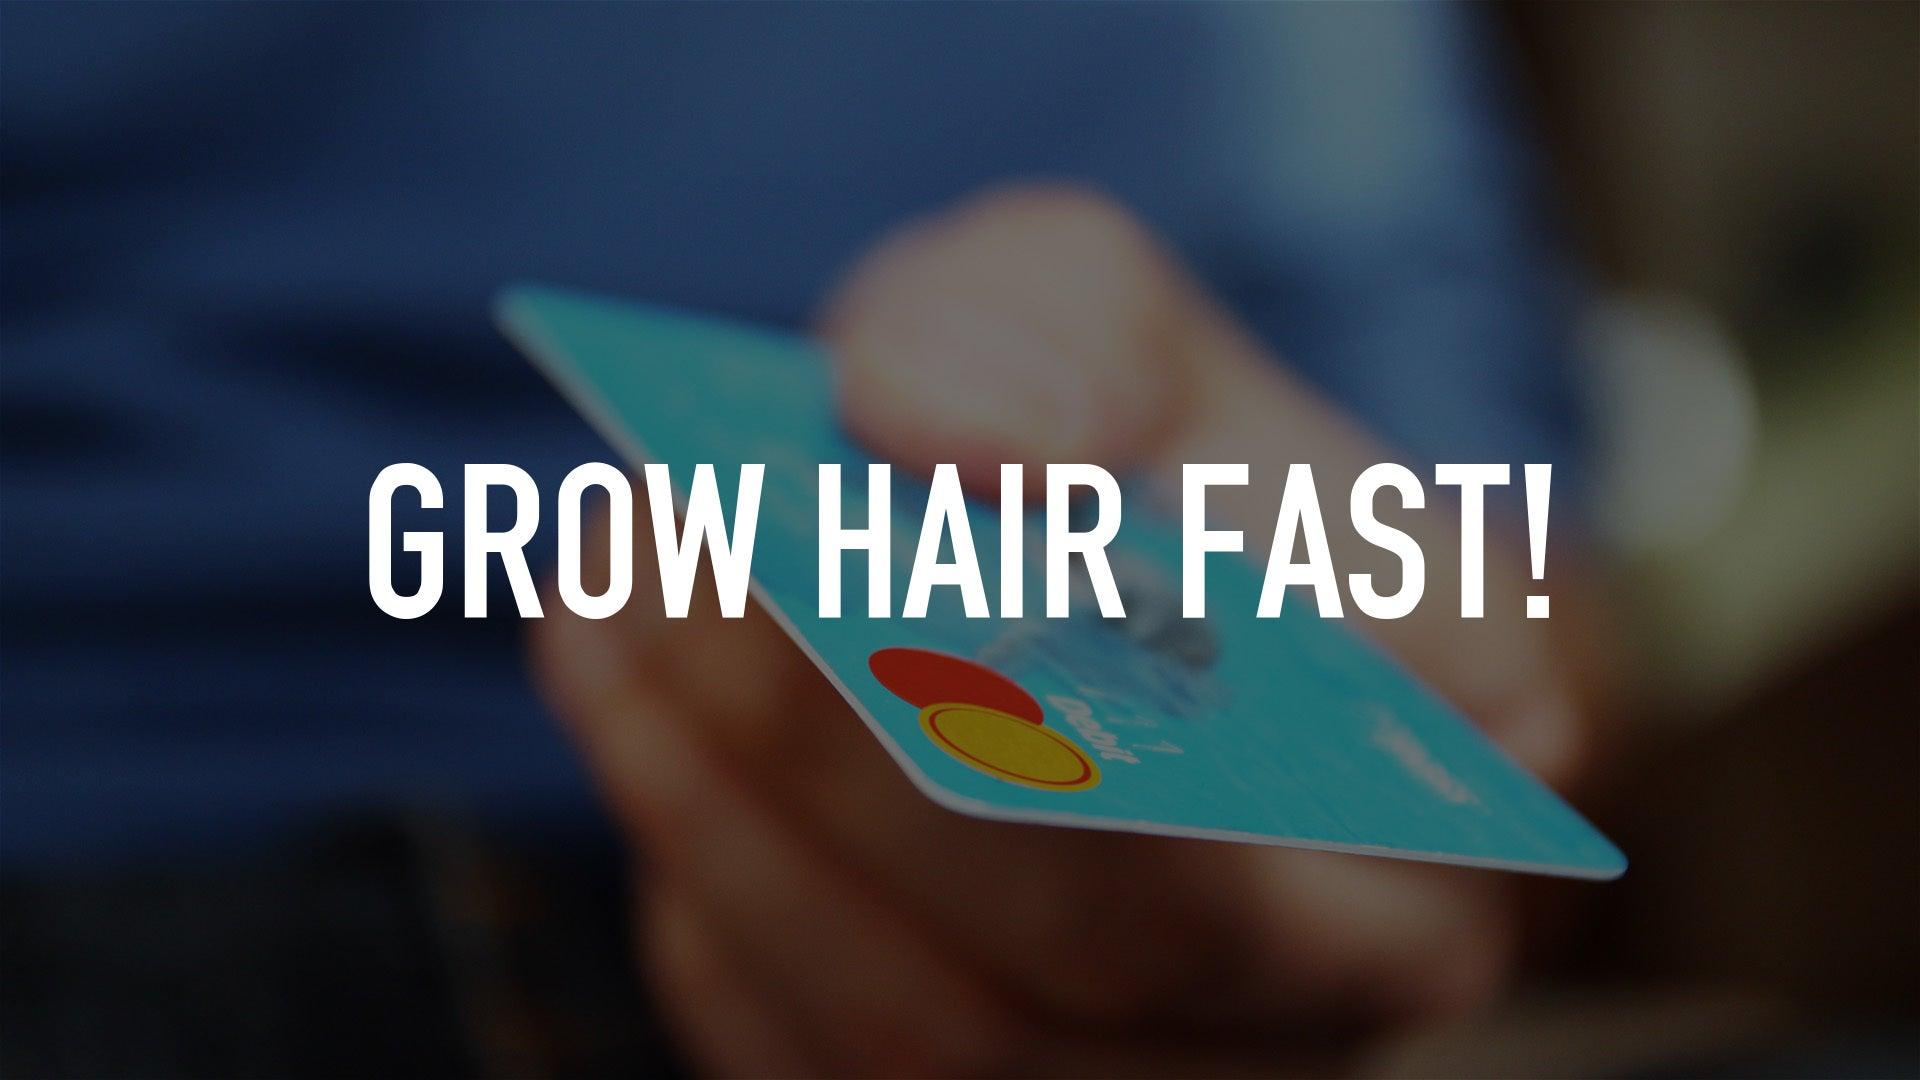 Grow Hair Fast!